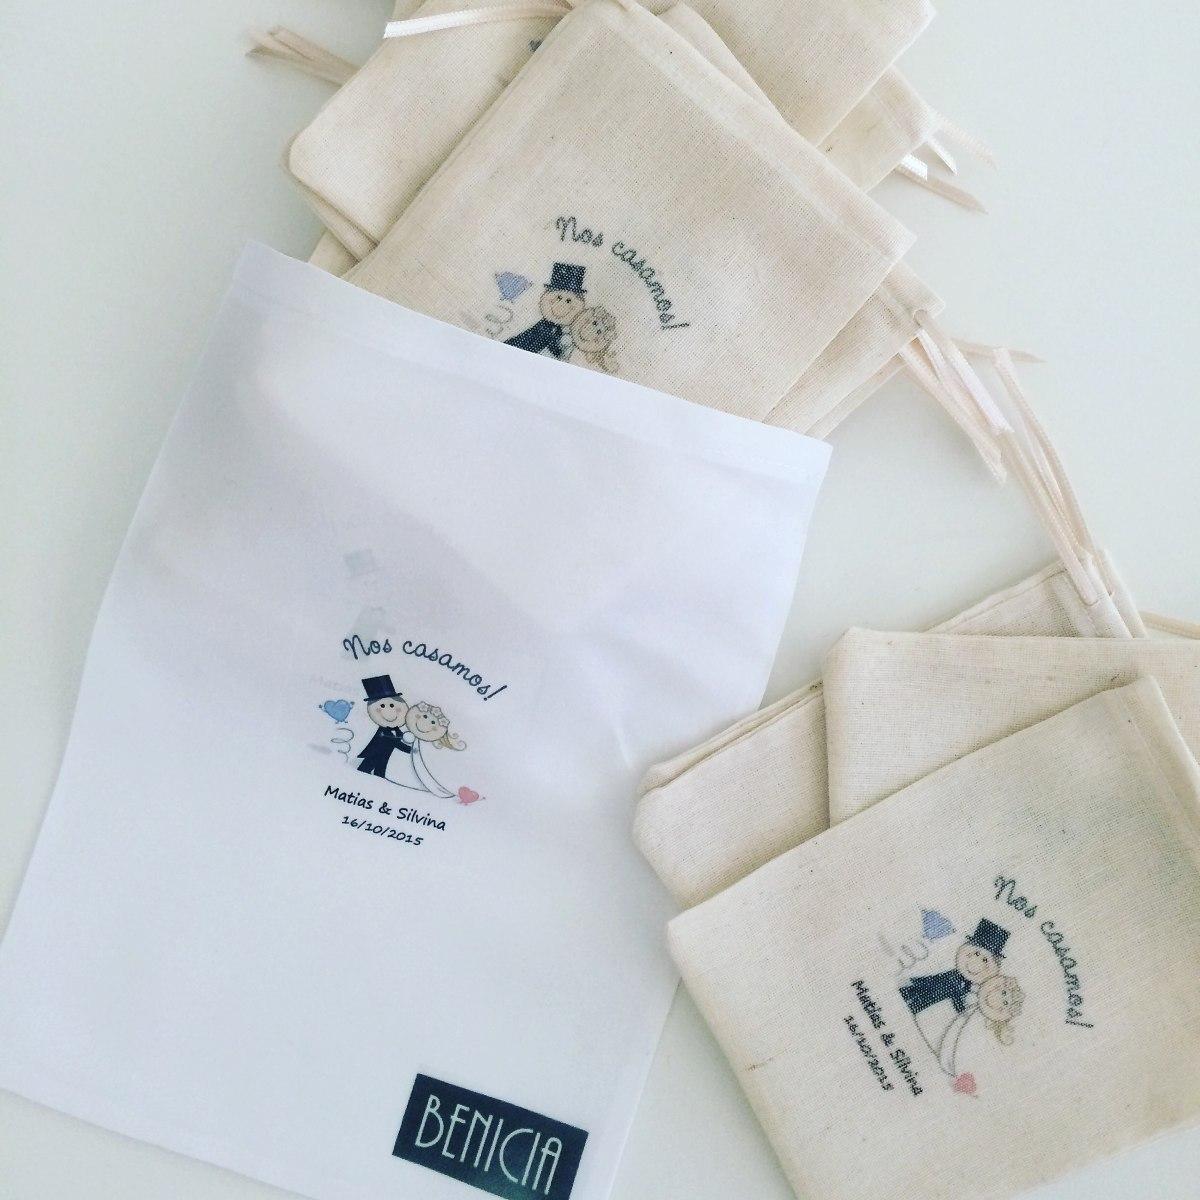 436551dd2 Pack 120 Bolsas De Tela Personalizadas - $ 2.000,00 en Mercado Libre